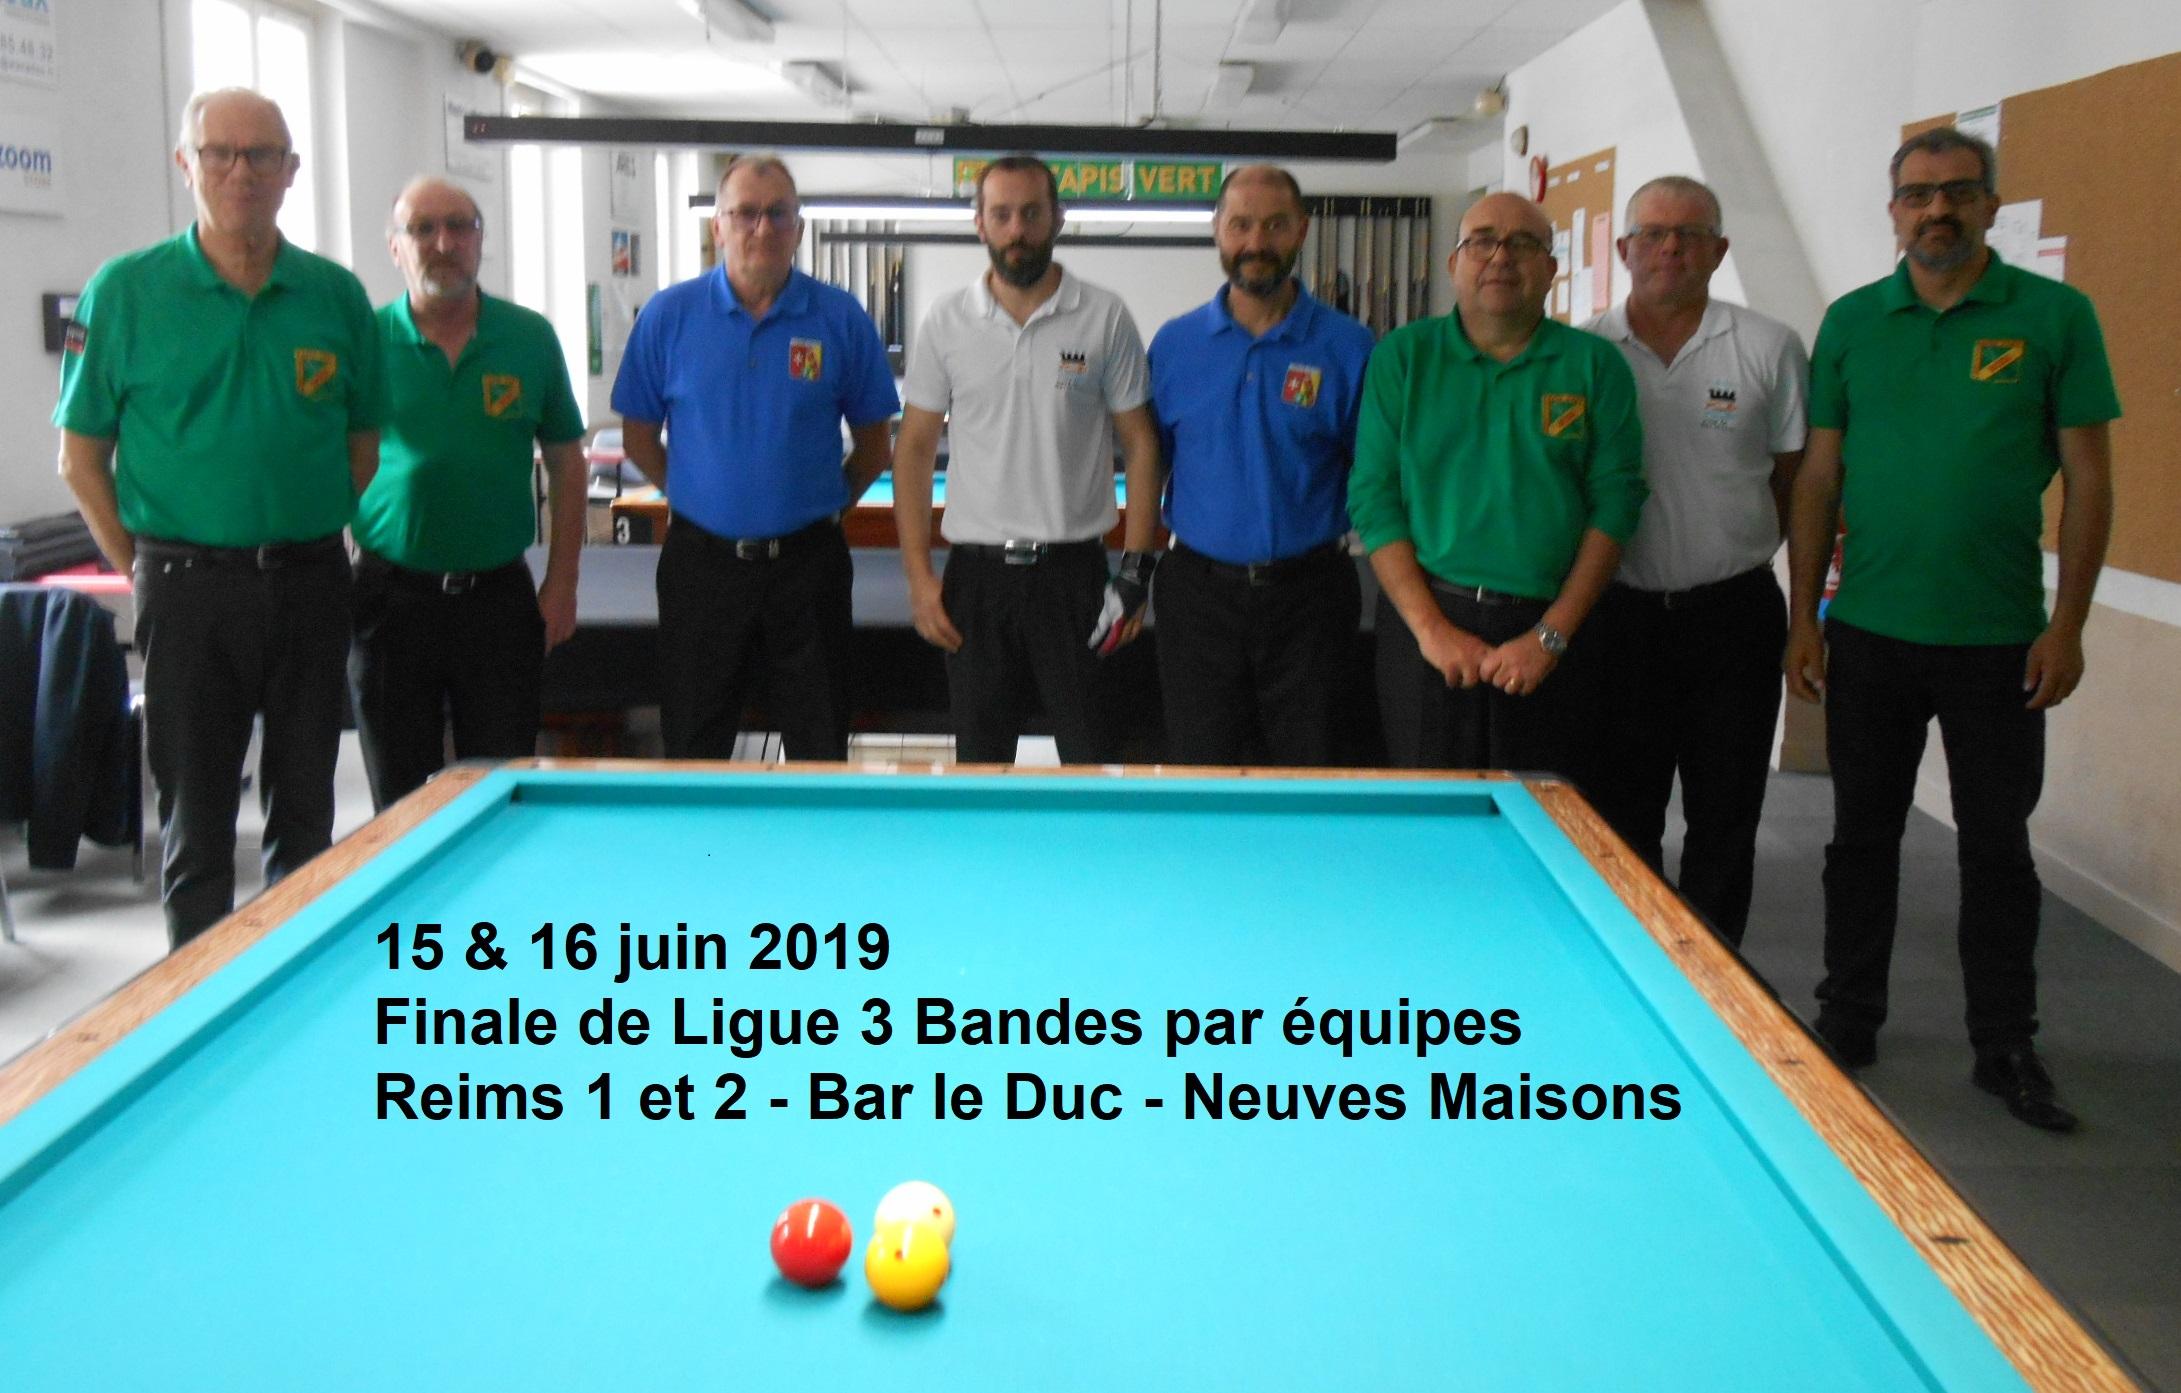 Finale de Ligue 3 bandes par équipes Div 2